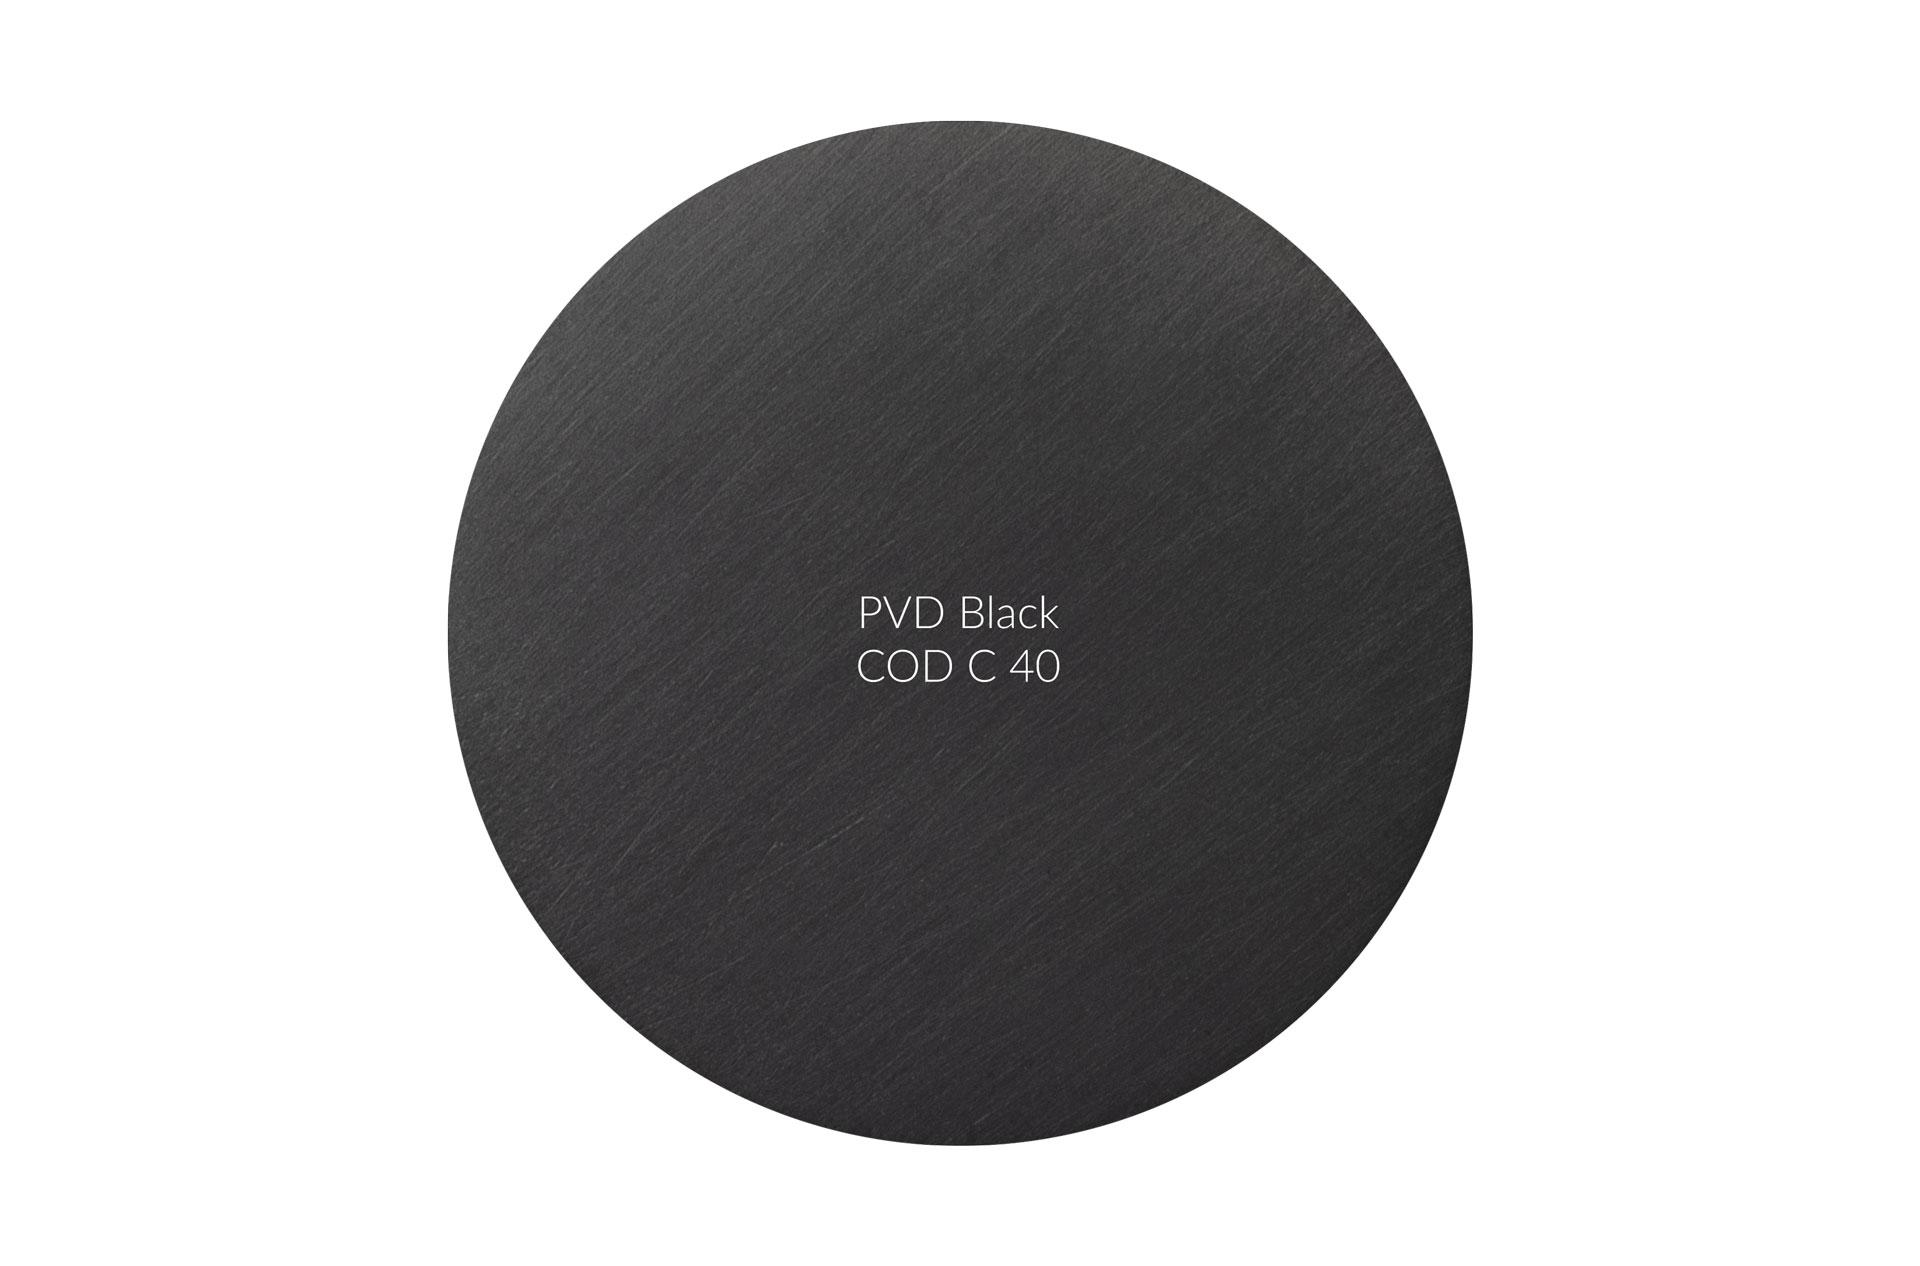 Dischetto PVD black cod C 40 graffiato